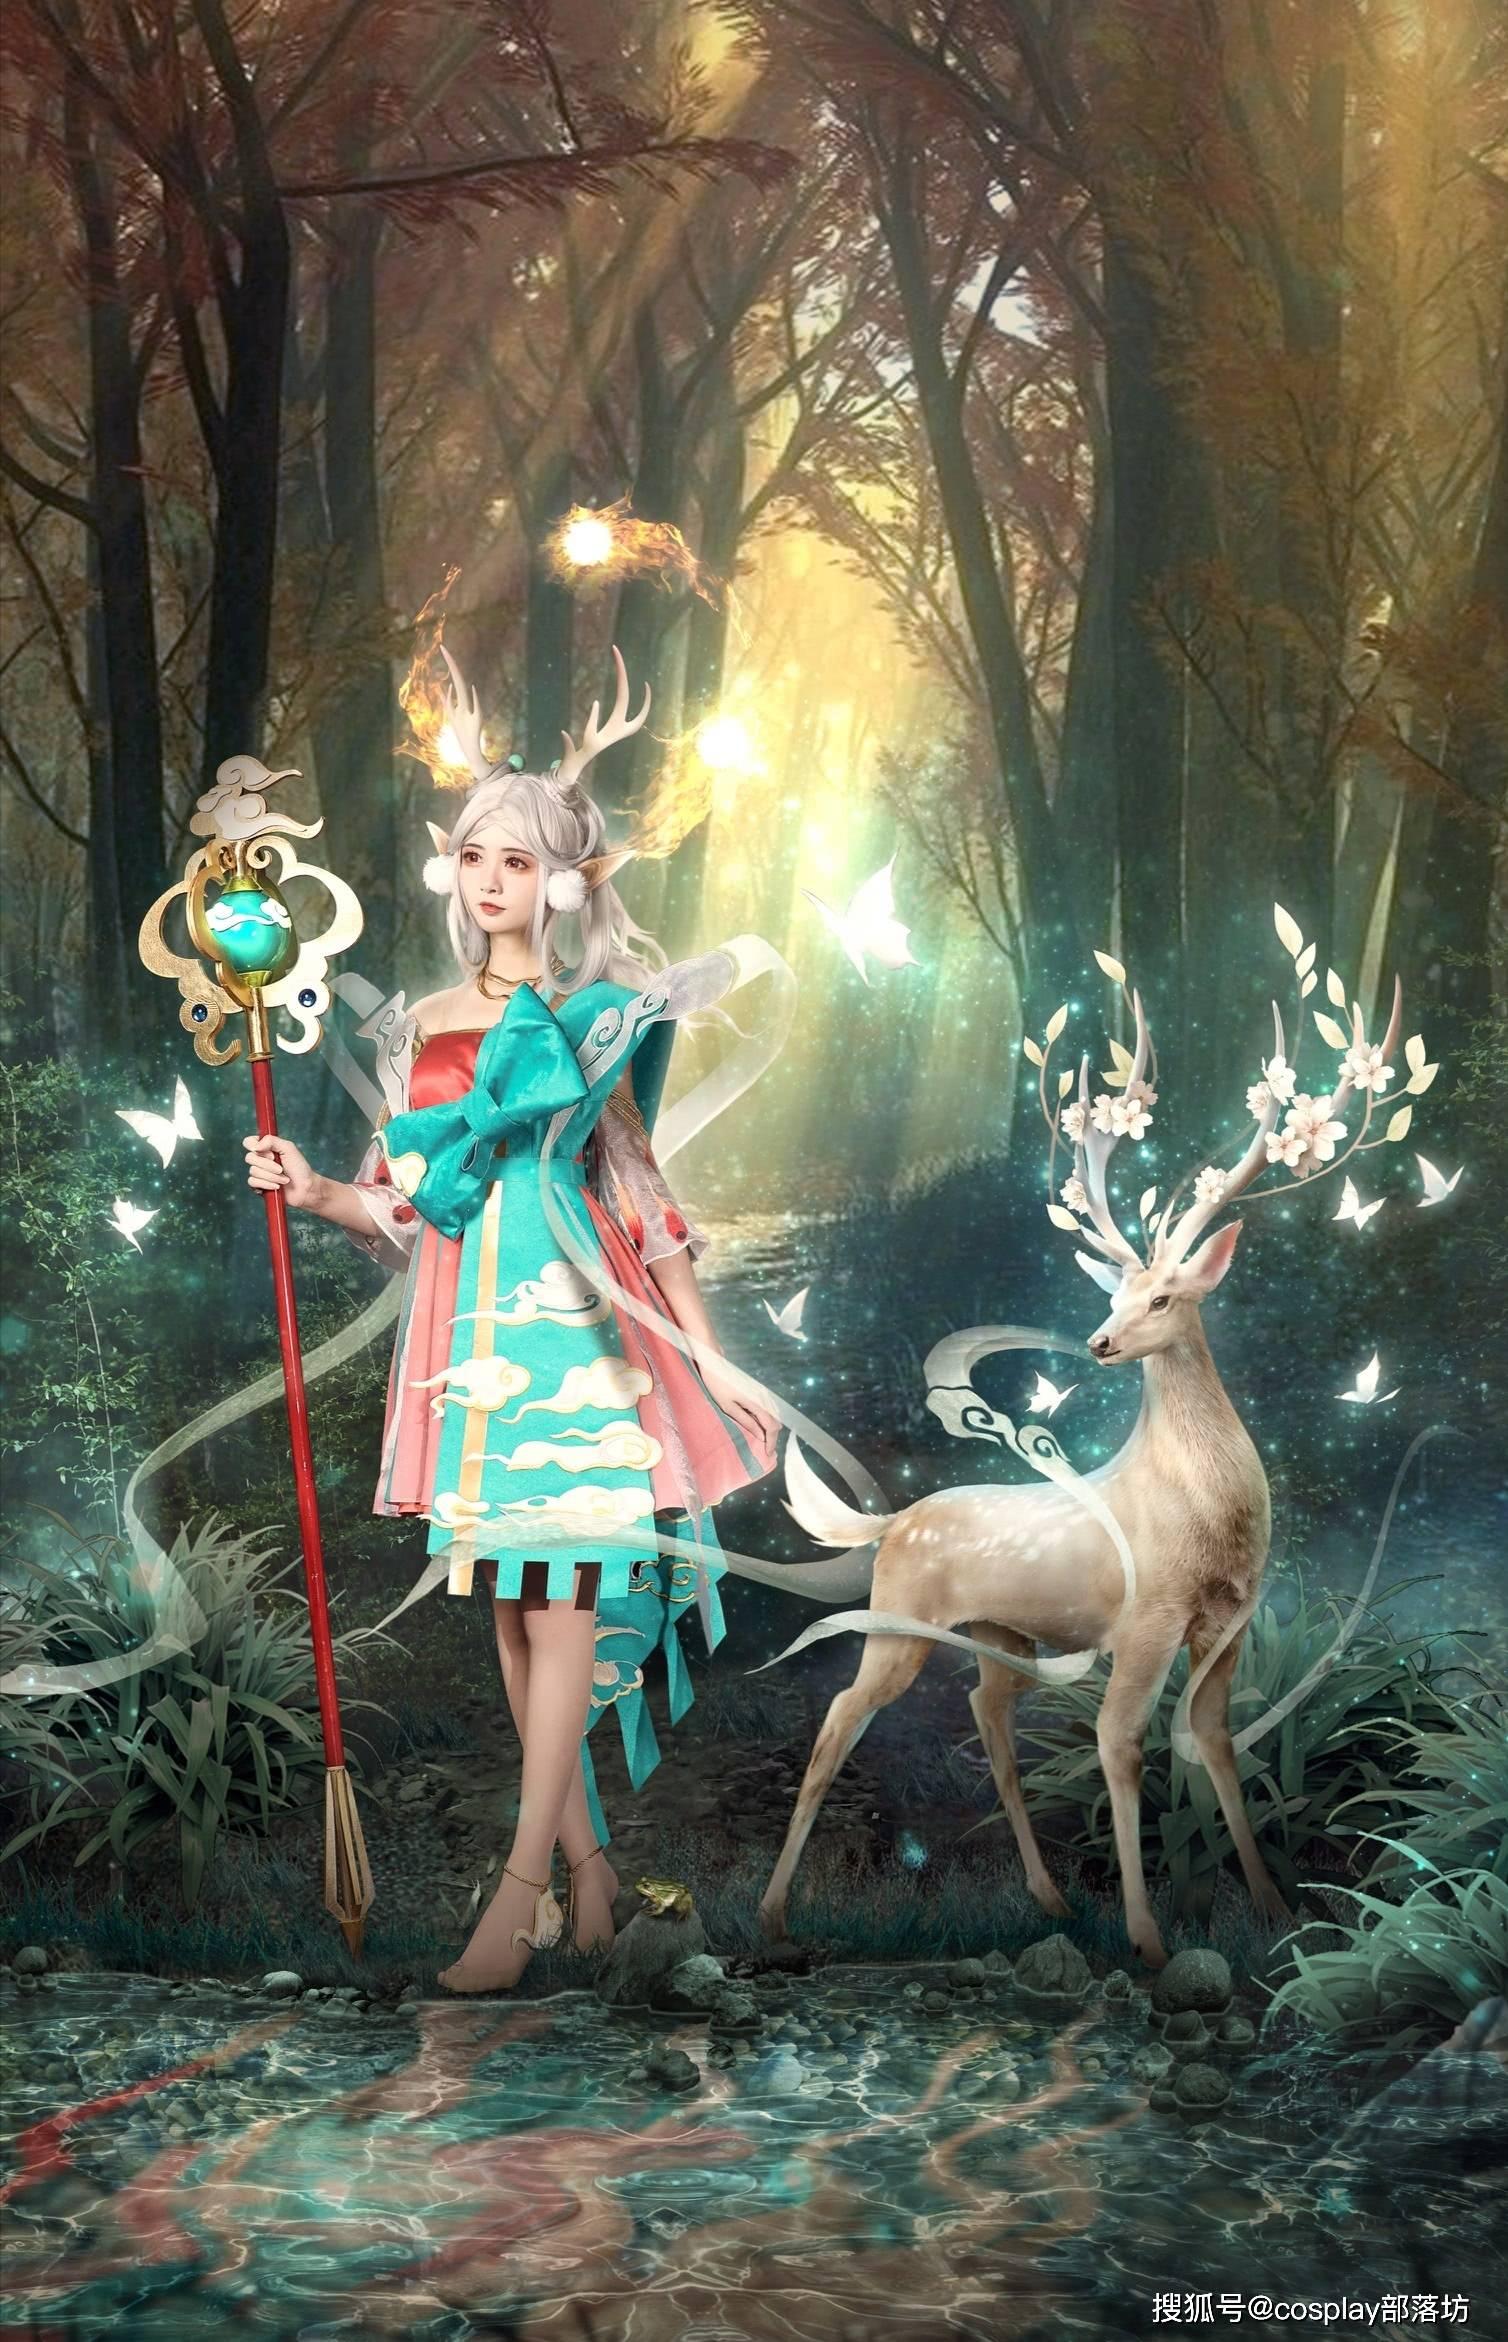 cos:王者榮耀-瑤遇見神鹿還是化身成了神鹿呢_玲瓏